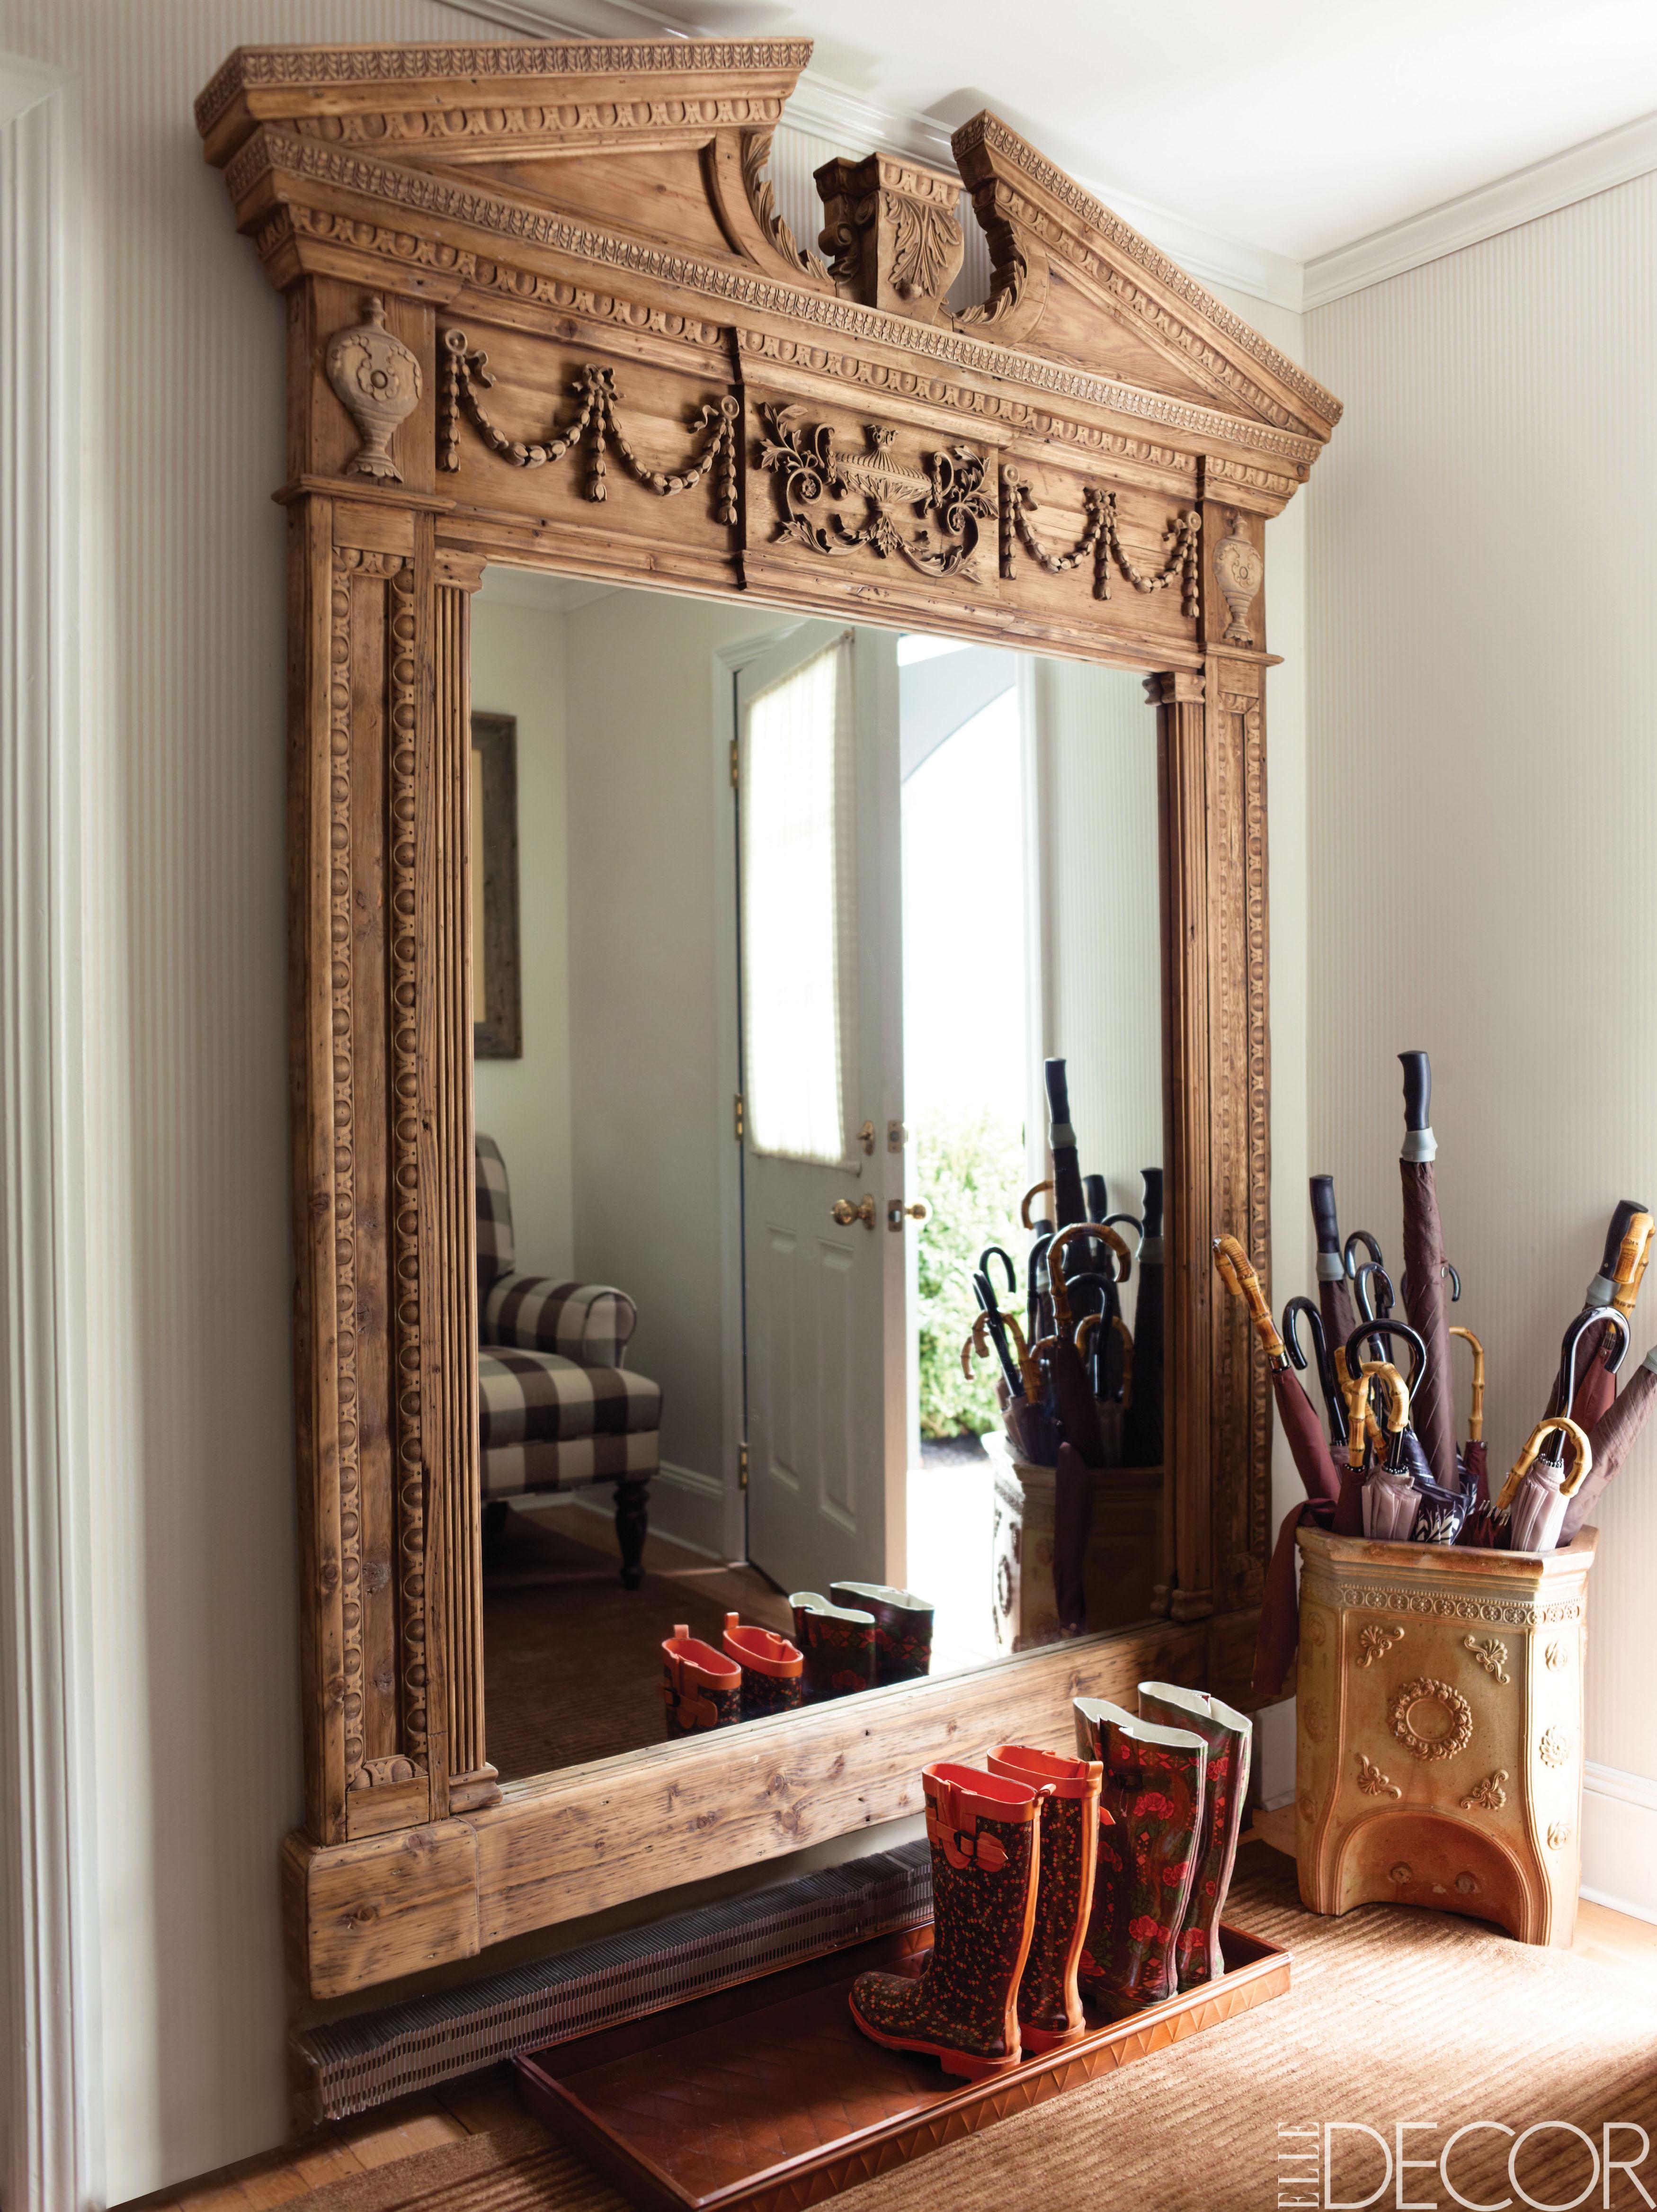 Mirror Decorating Ideas - Interior Design Ideas For Mirrors